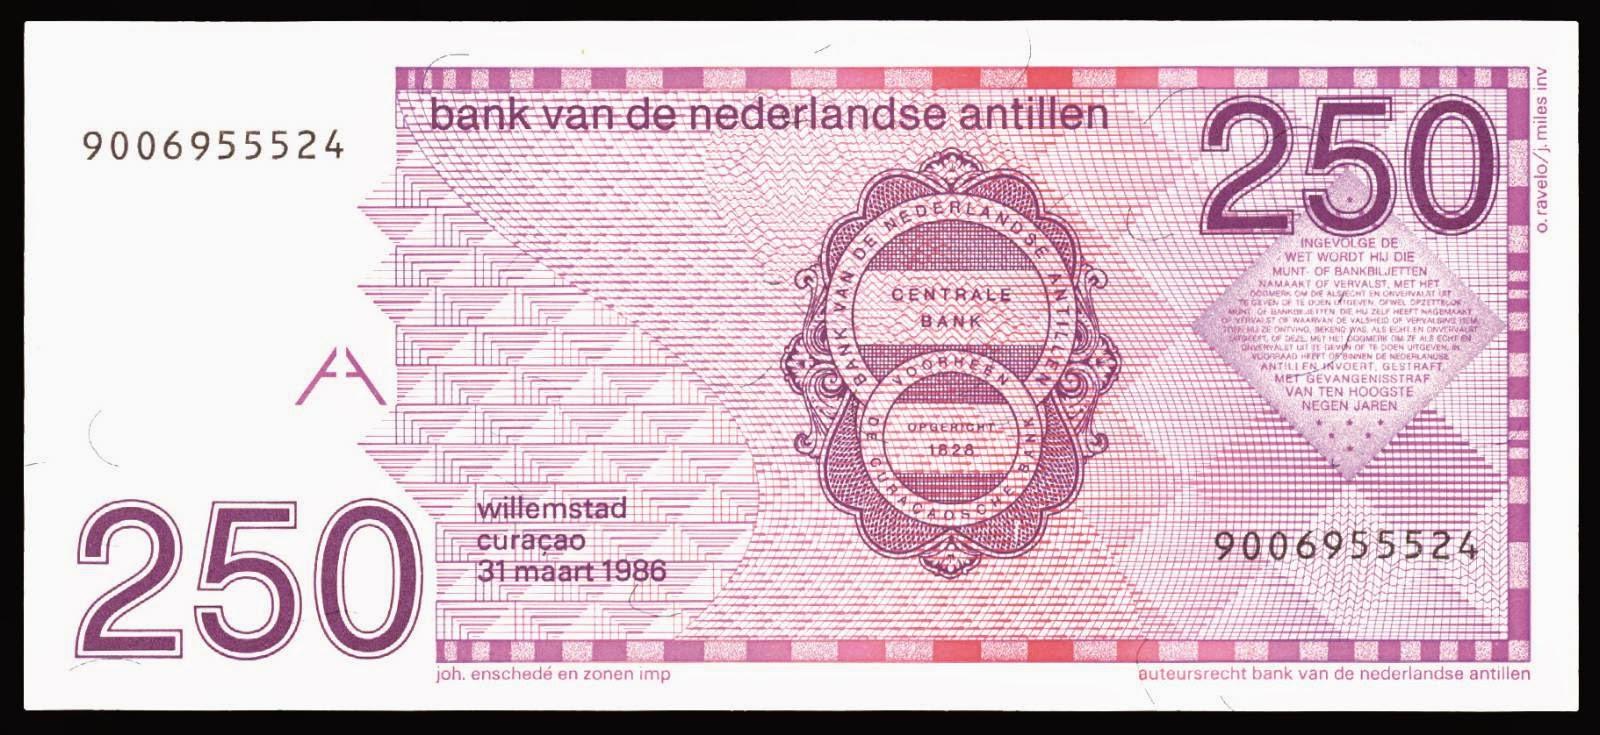 Netherlands Antilles money currency 250 Guilder note